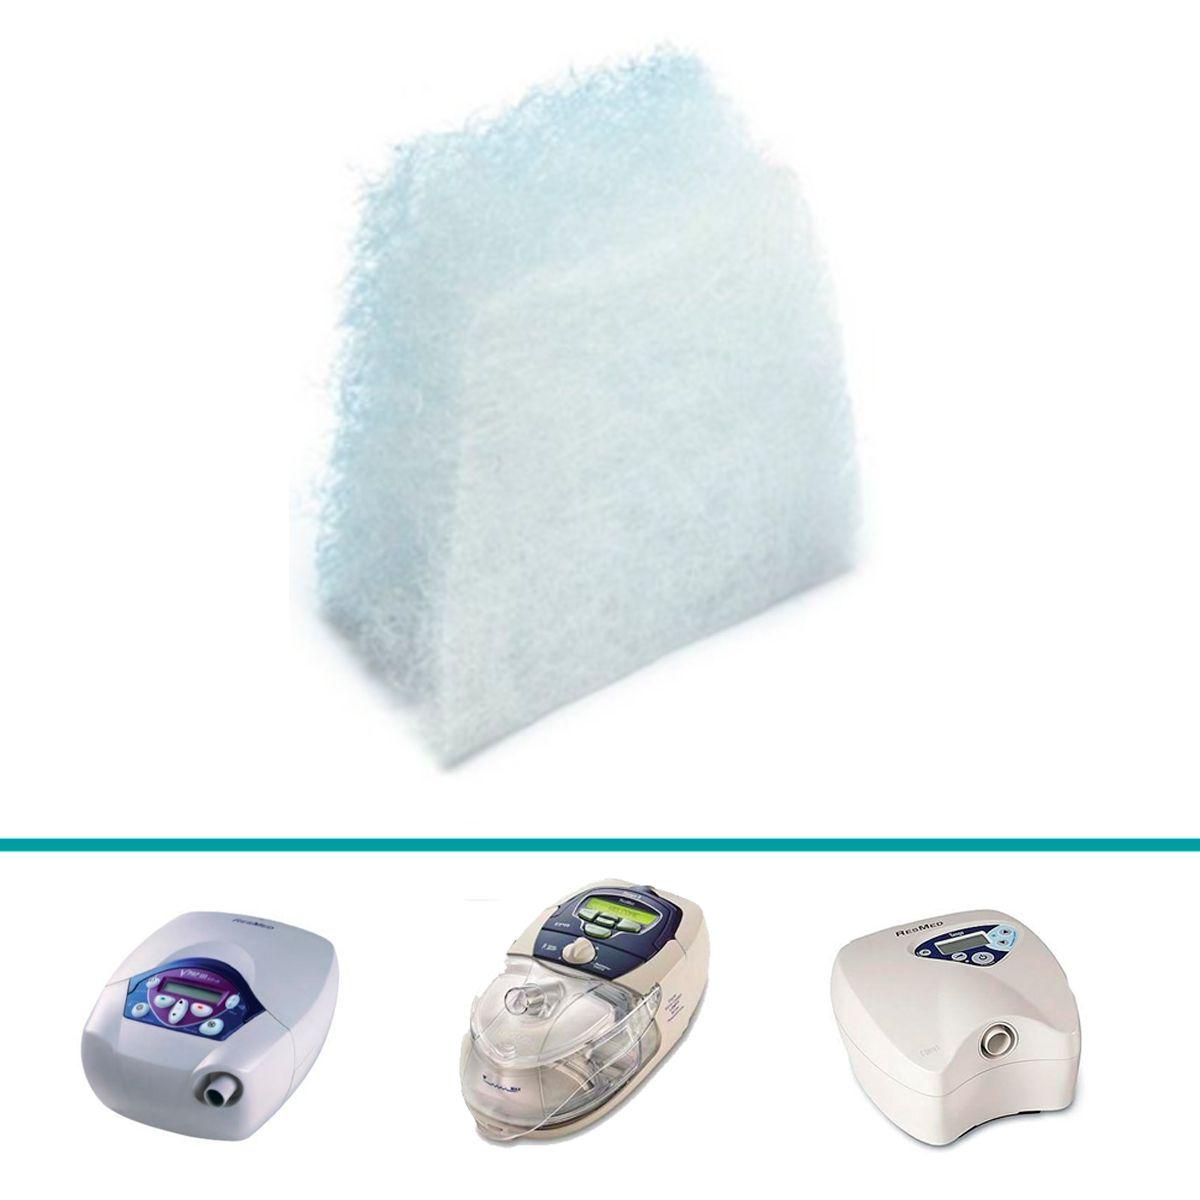 Filtro Nacional VentCare para CPAP e VPAP da linha S8 e C-Series Tango Resmed